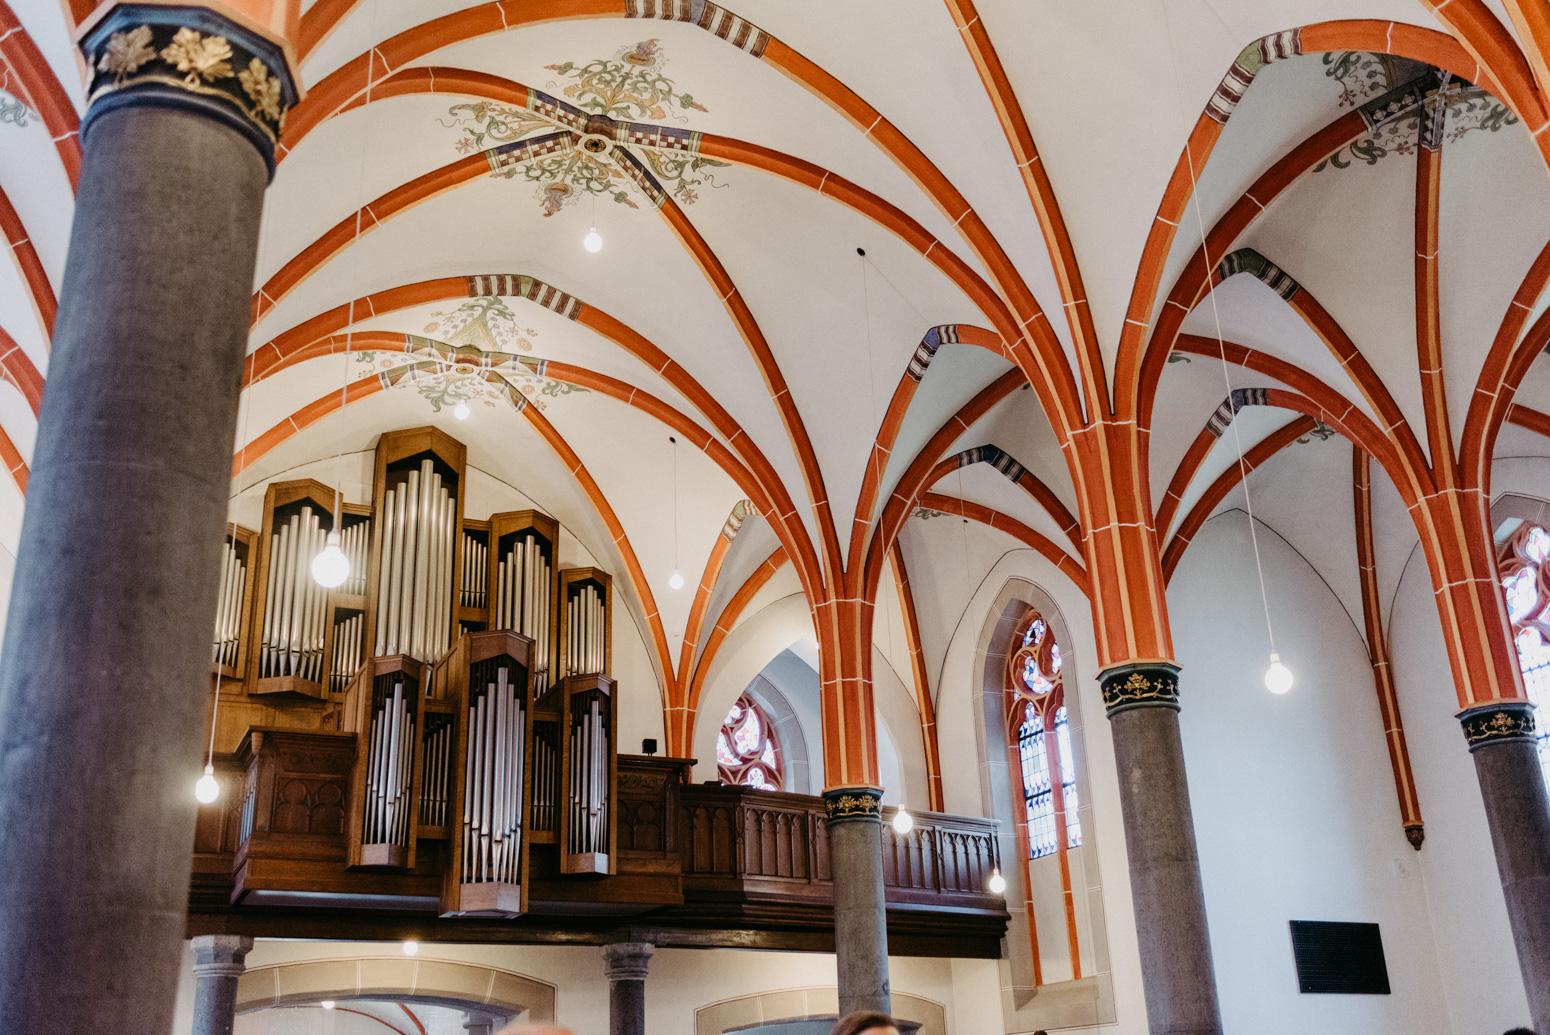 Gewölbe der Kirche St. Laurentius in Oberwinter. Hochzeitsfotografin Daria Becker von Genuine Bonds aus Bonn